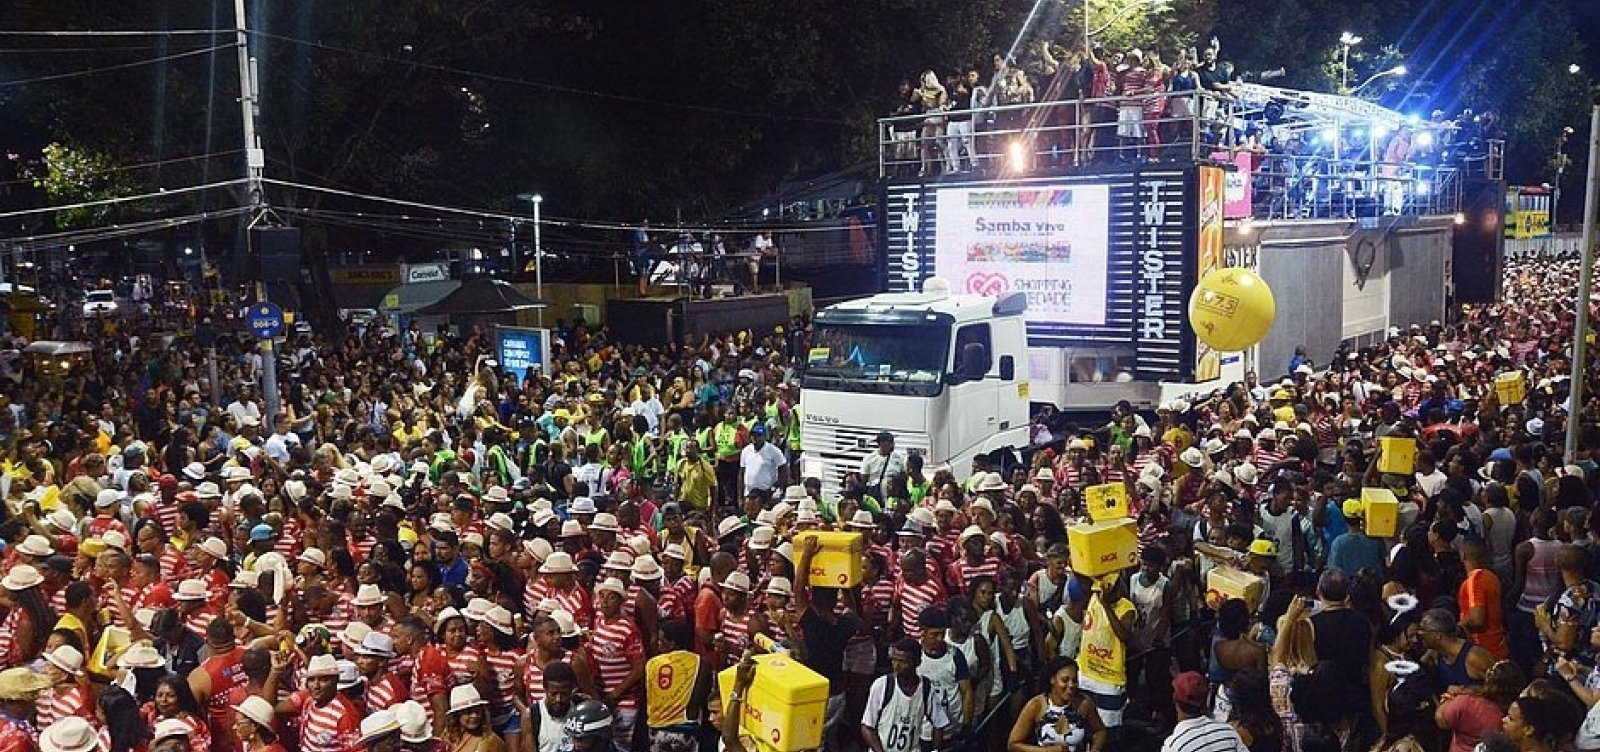 Caminhada do Samba muda de trajeto por recomendação da Prefeitura e PM